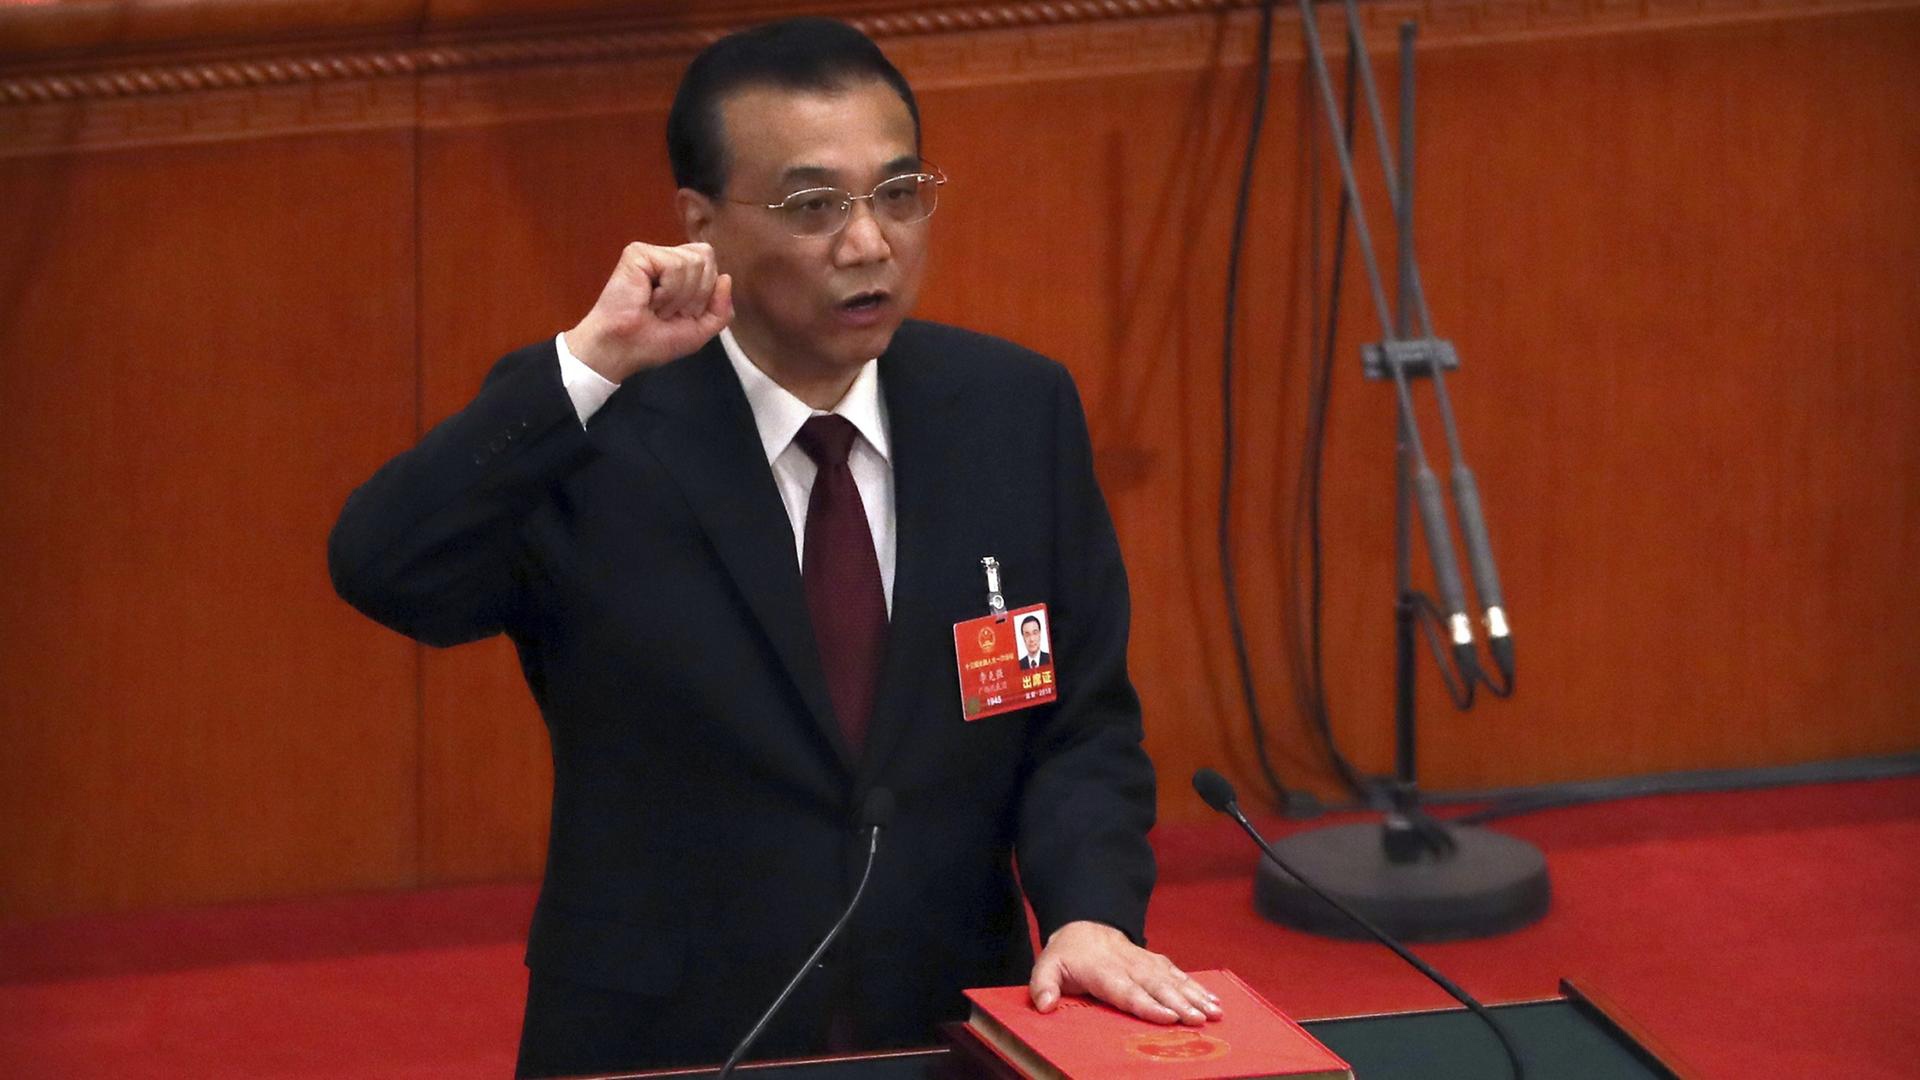 Primeiro-ministro chinês reeleito e aprovada reestruturação do governo